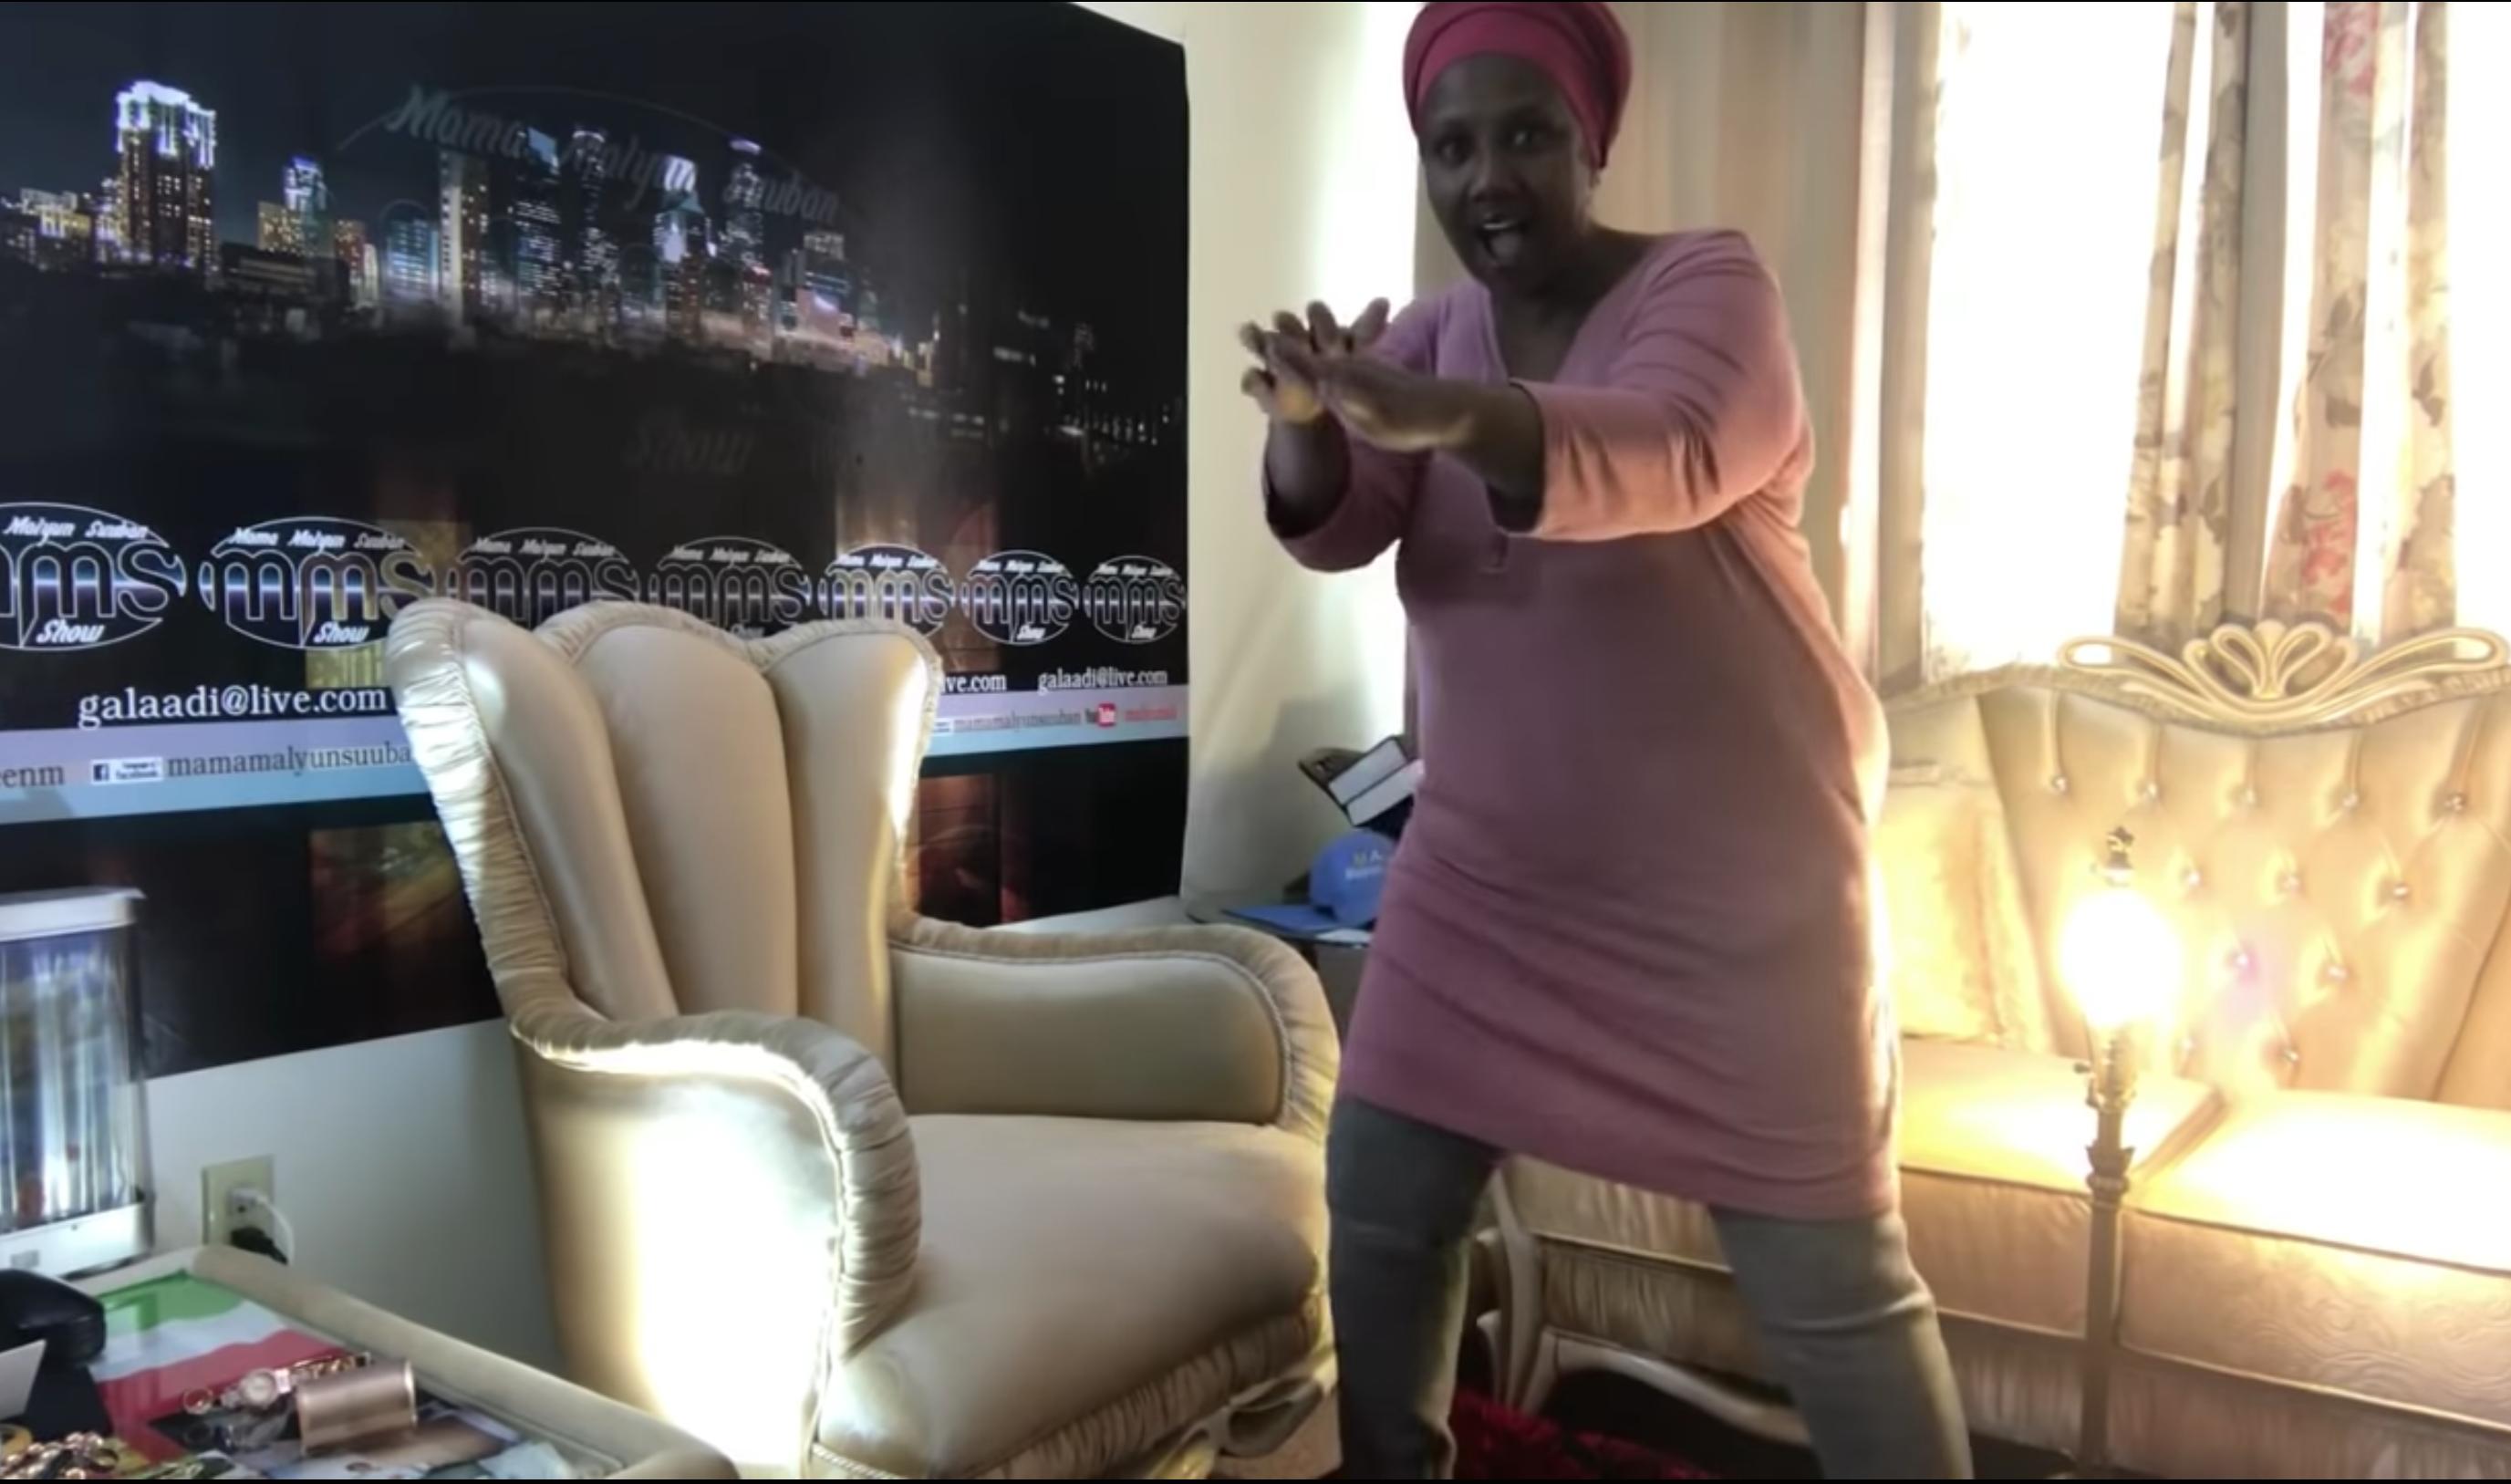 """[DAAWO] Mama Malyun """"Karateey ayaan bartaa markaan waayey nin kacsiga iga dejiyo oo Somalia"""""""